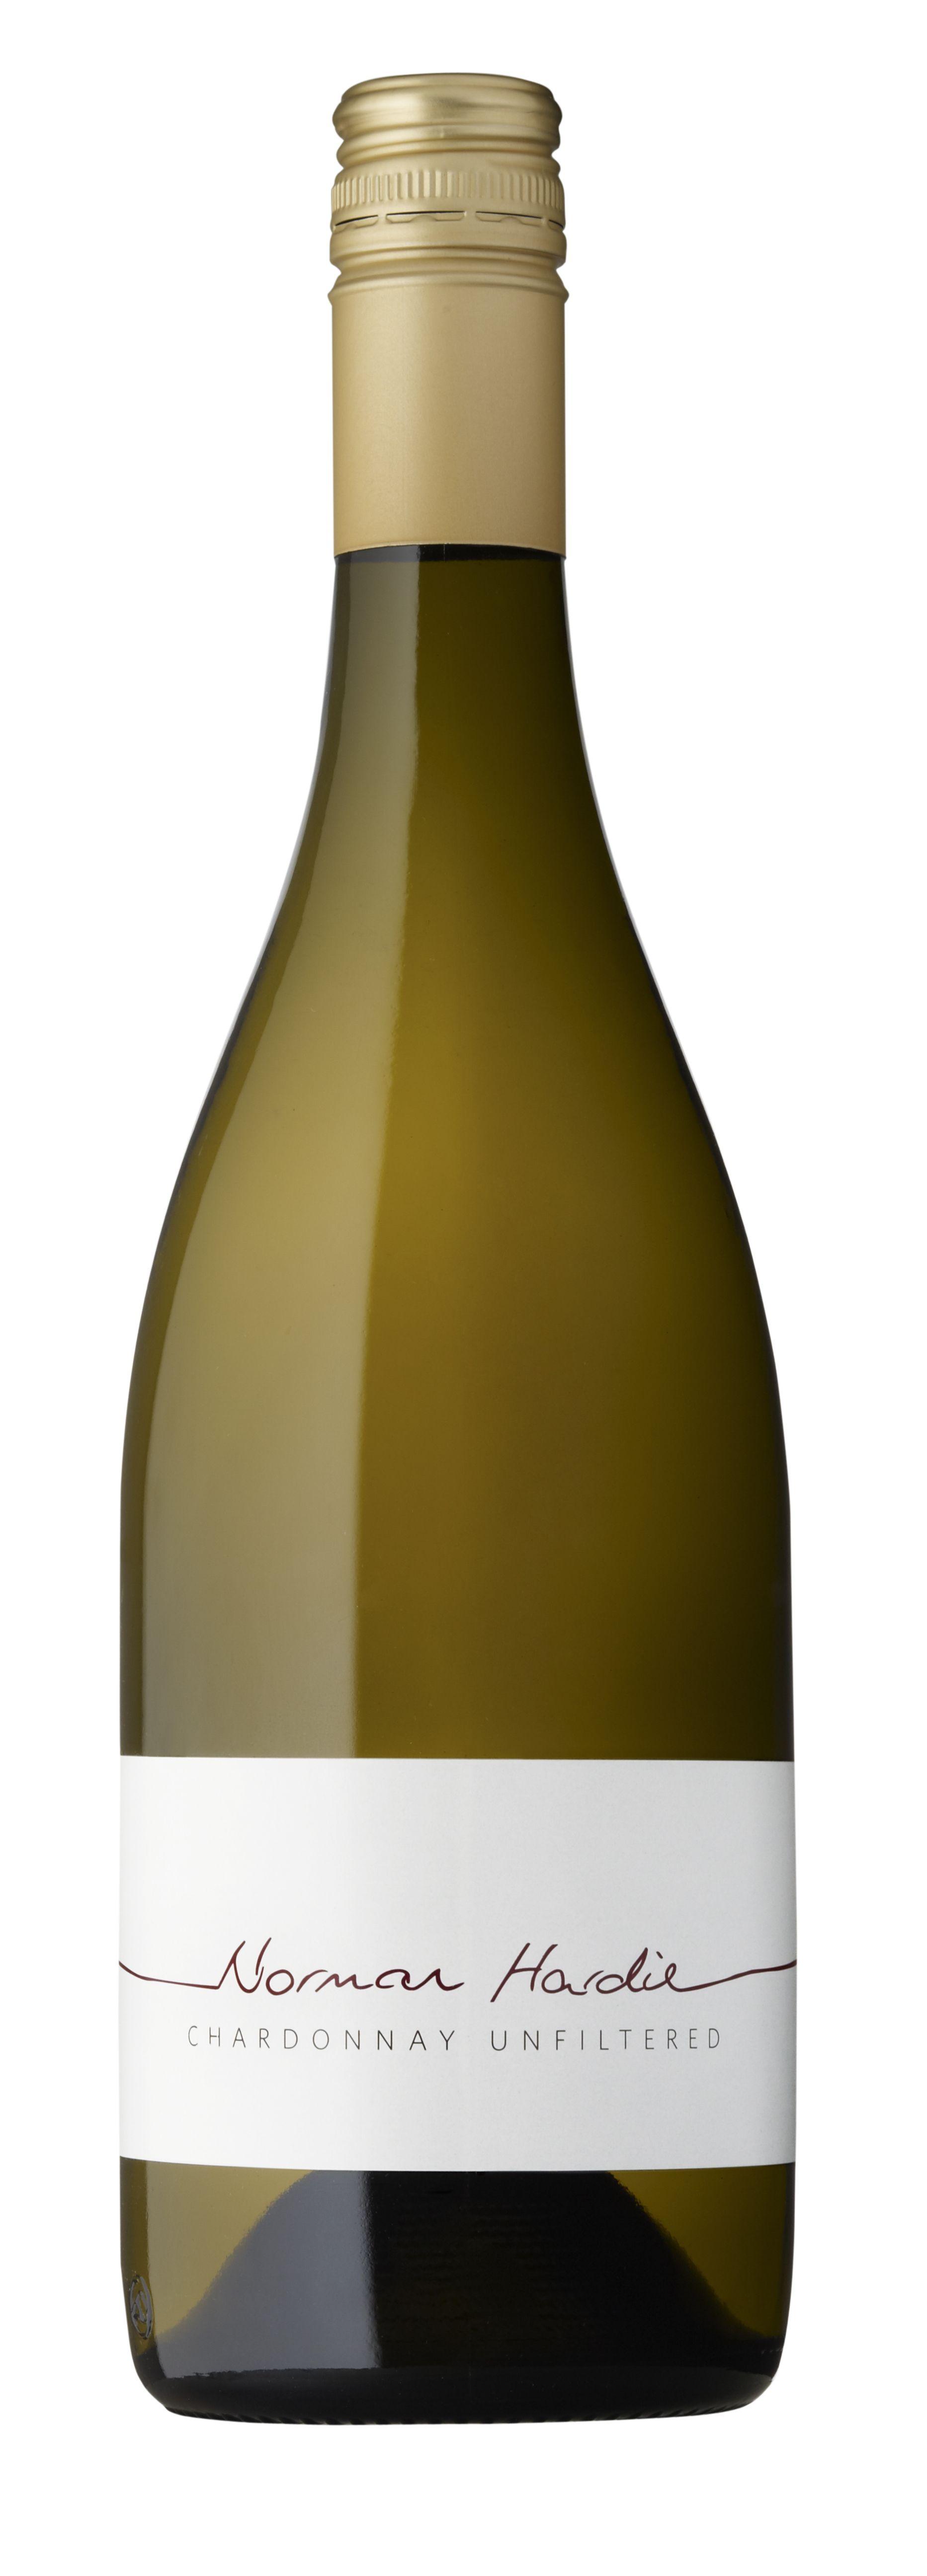 Norman hardies 2008 chardonnay unfiltered norman hardie